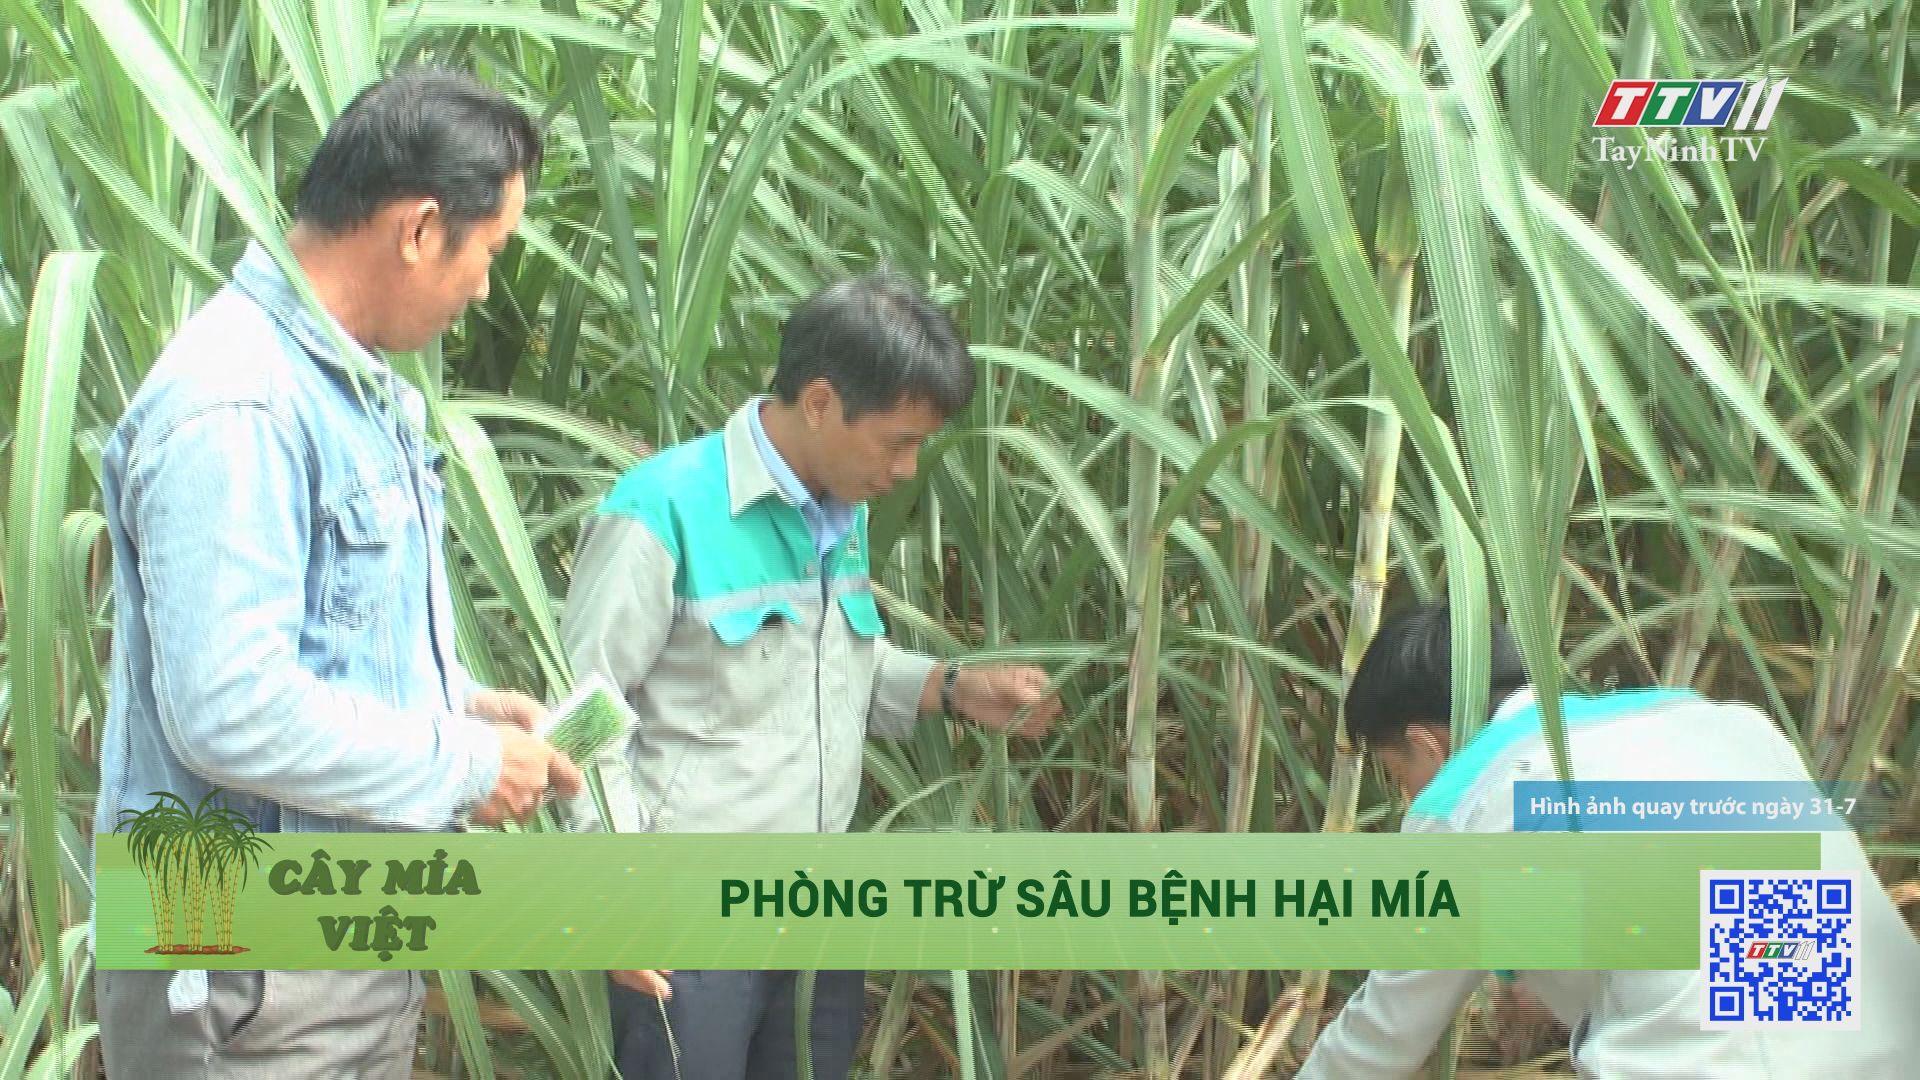 Phòng trừ sâu bệnh hại mía | CÂY MÍA VIỆT | TayNinhTV